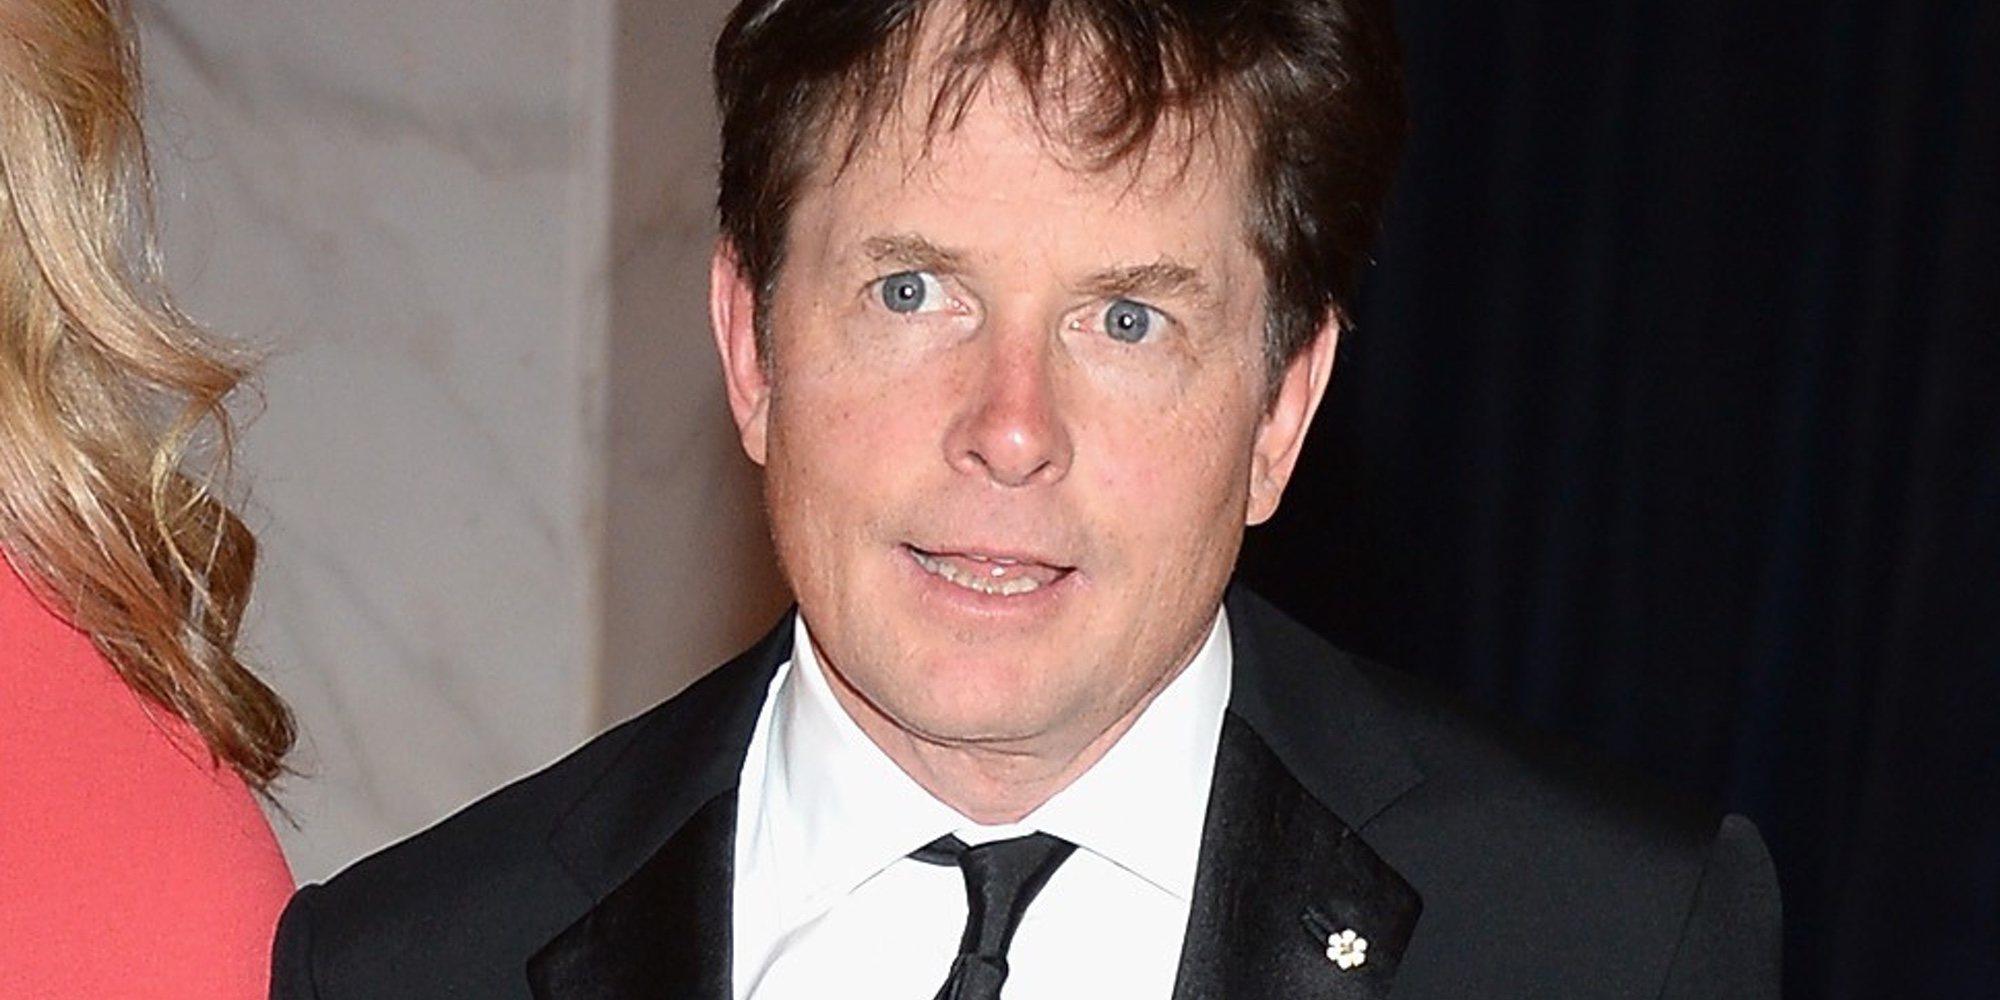 Michael J. Fox anuncia que se retira de la actuación de manera definitiva